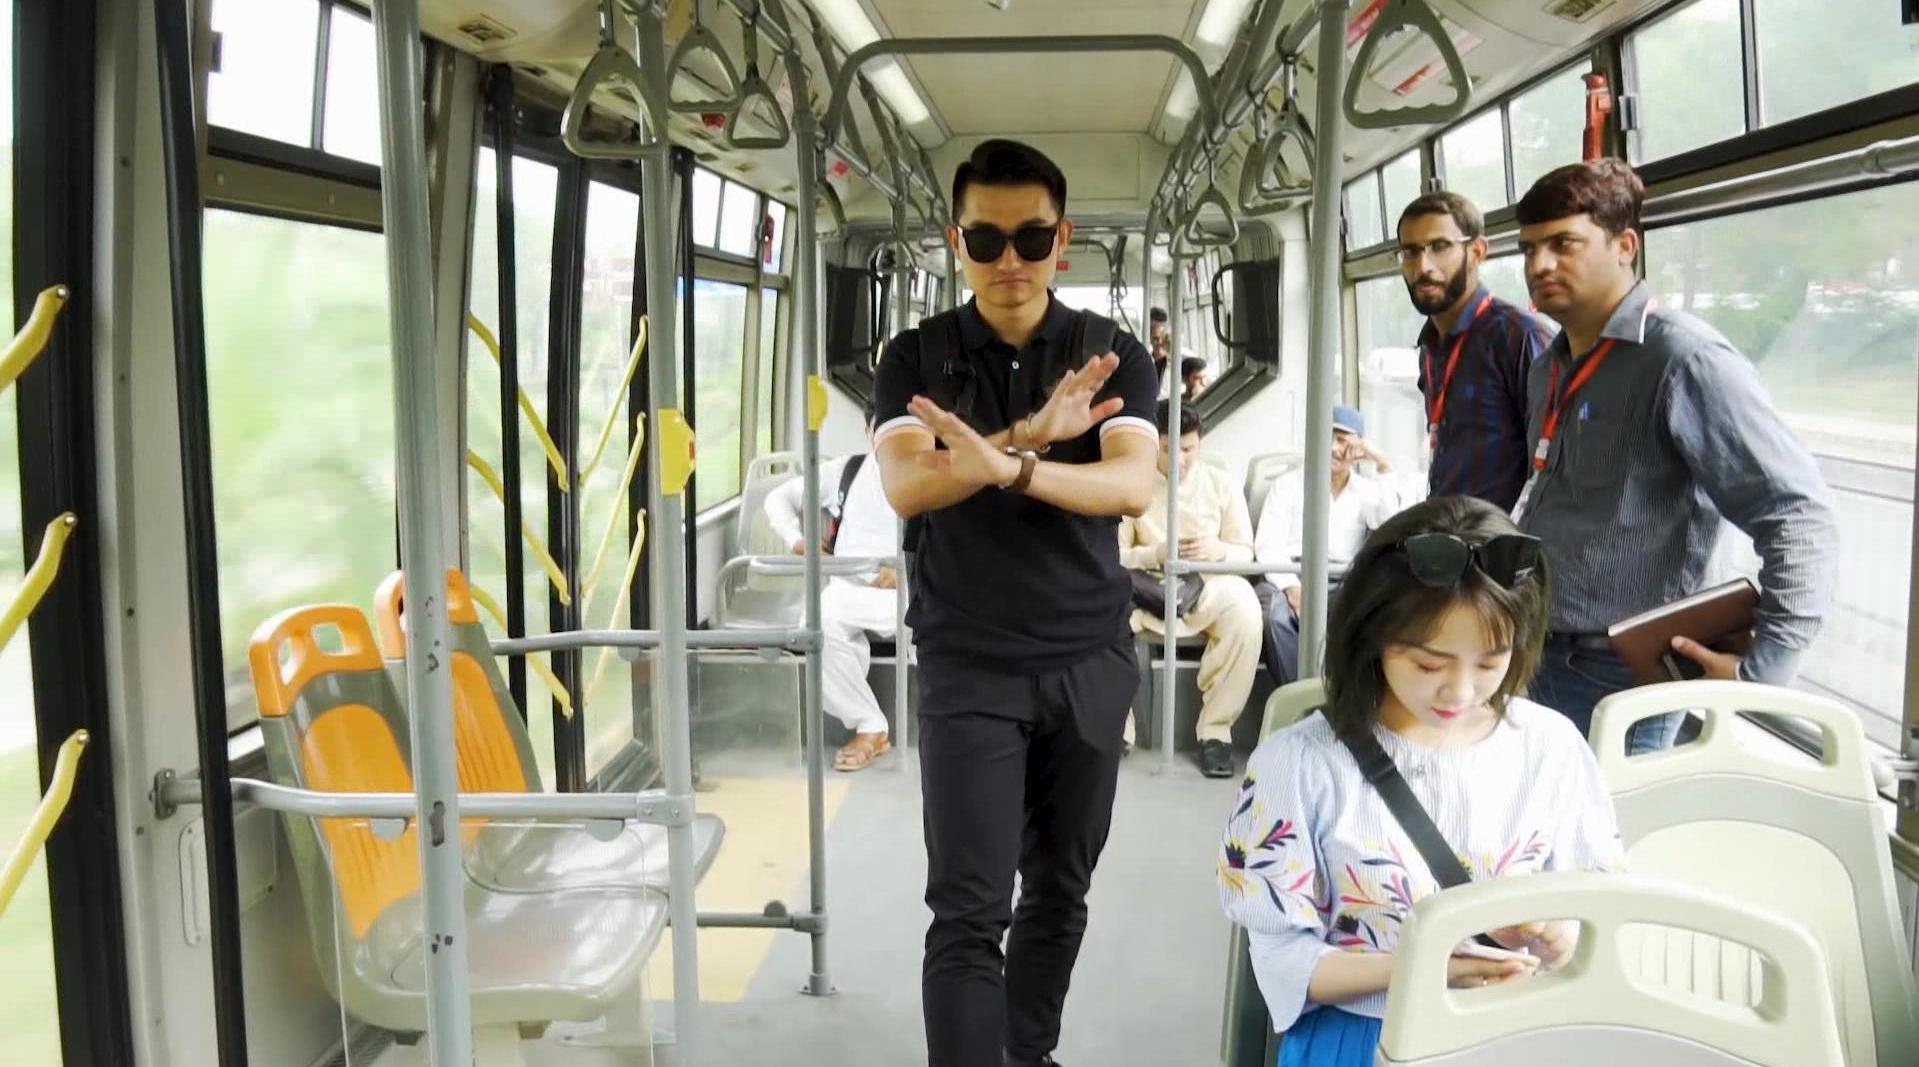 媒体团队员@媒体人亢凯  @988张咪 体验巴基斯坦BRT快速公交